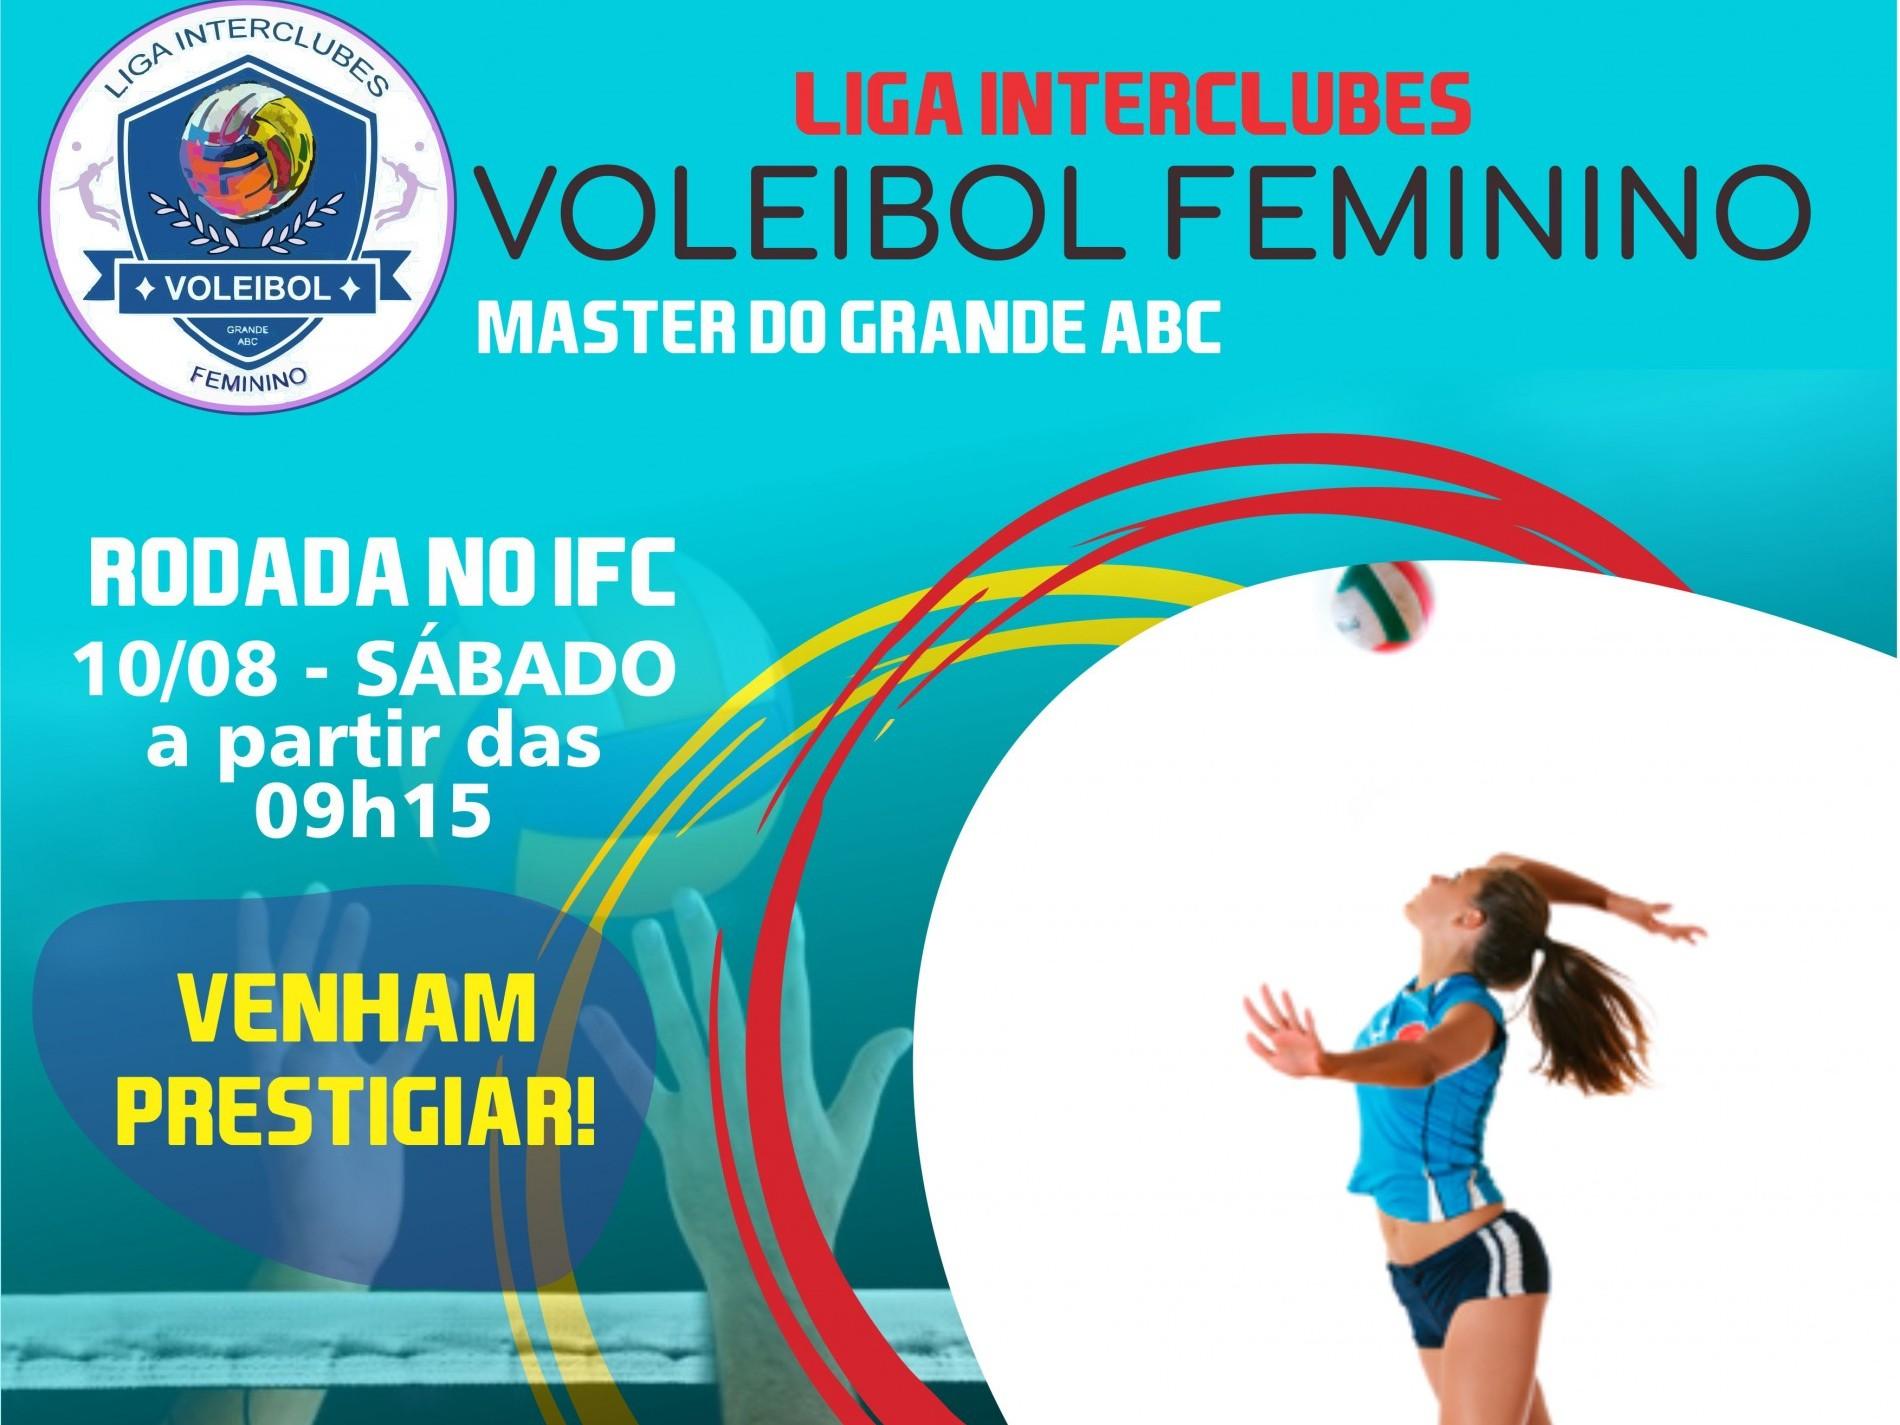 Liga de Interclubes de Vôlei Feminino ABC